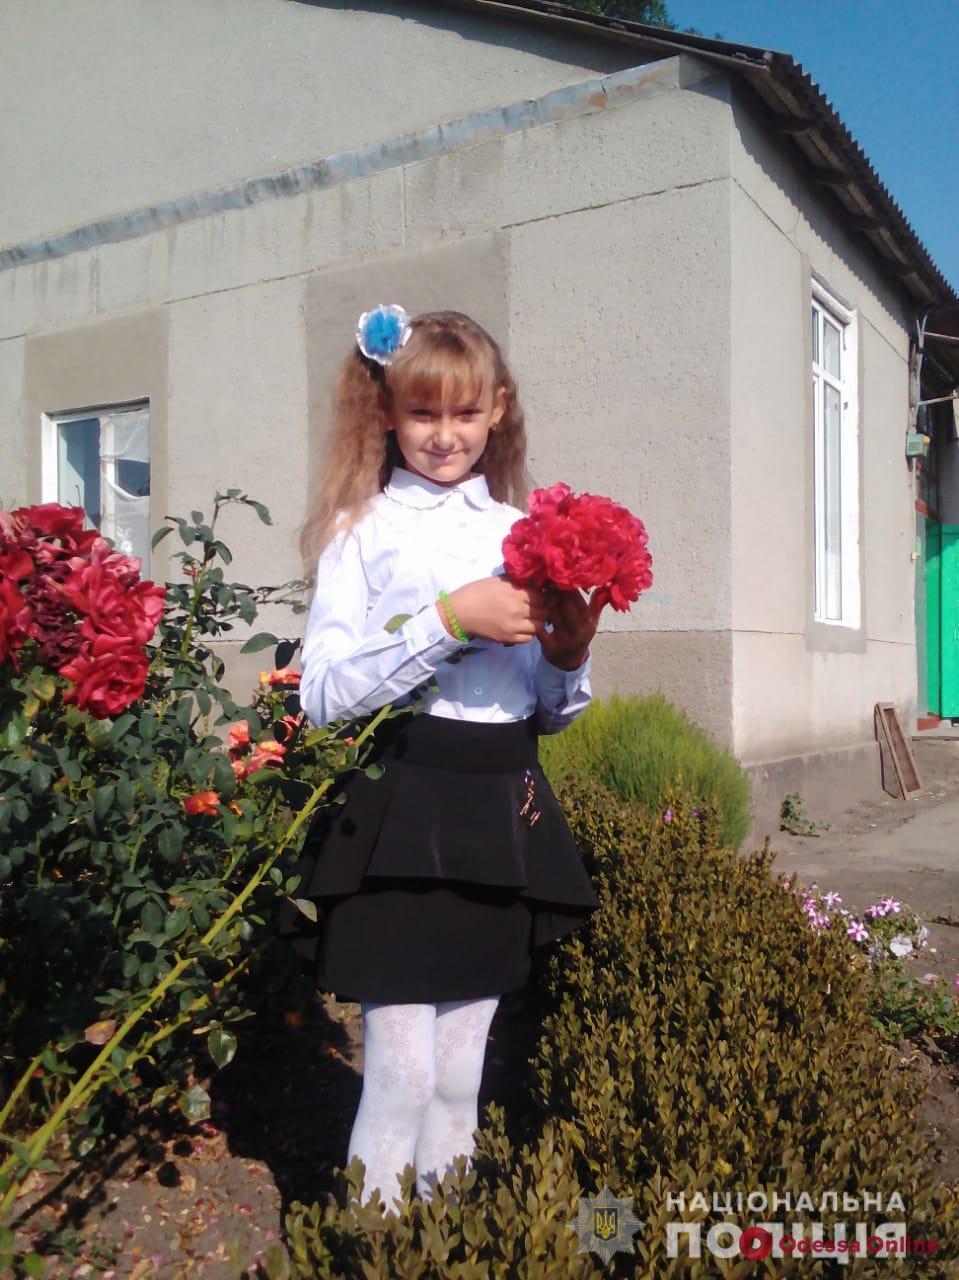 В Одесской области пропала 11-летняя девочка